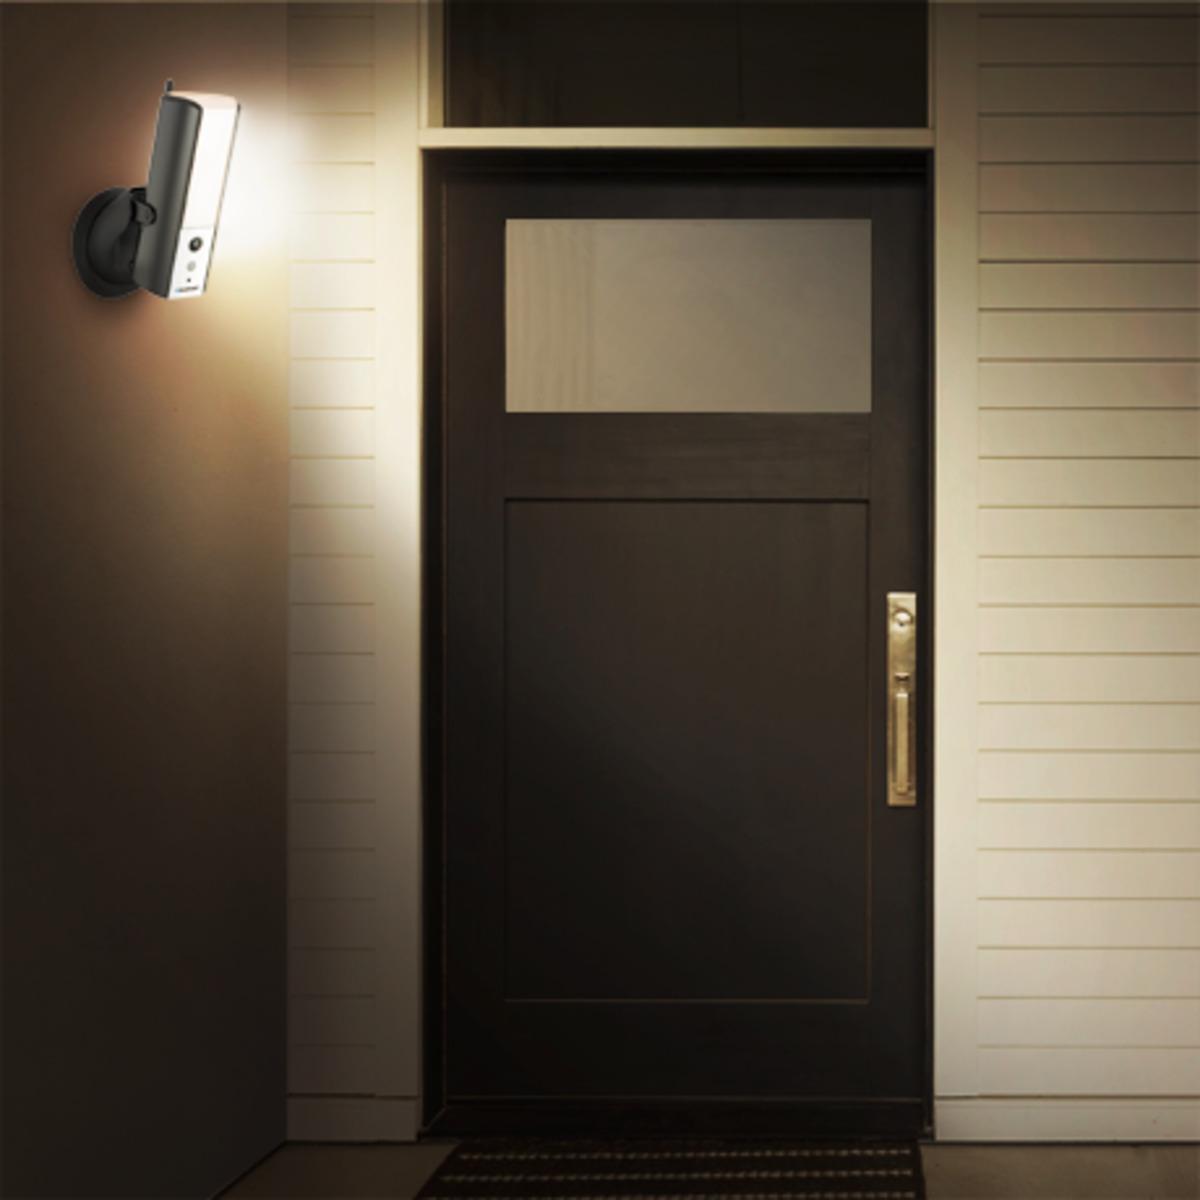 Bild 3 von Außenleuchte mit Überwachungskamera LampCam HOS-X201